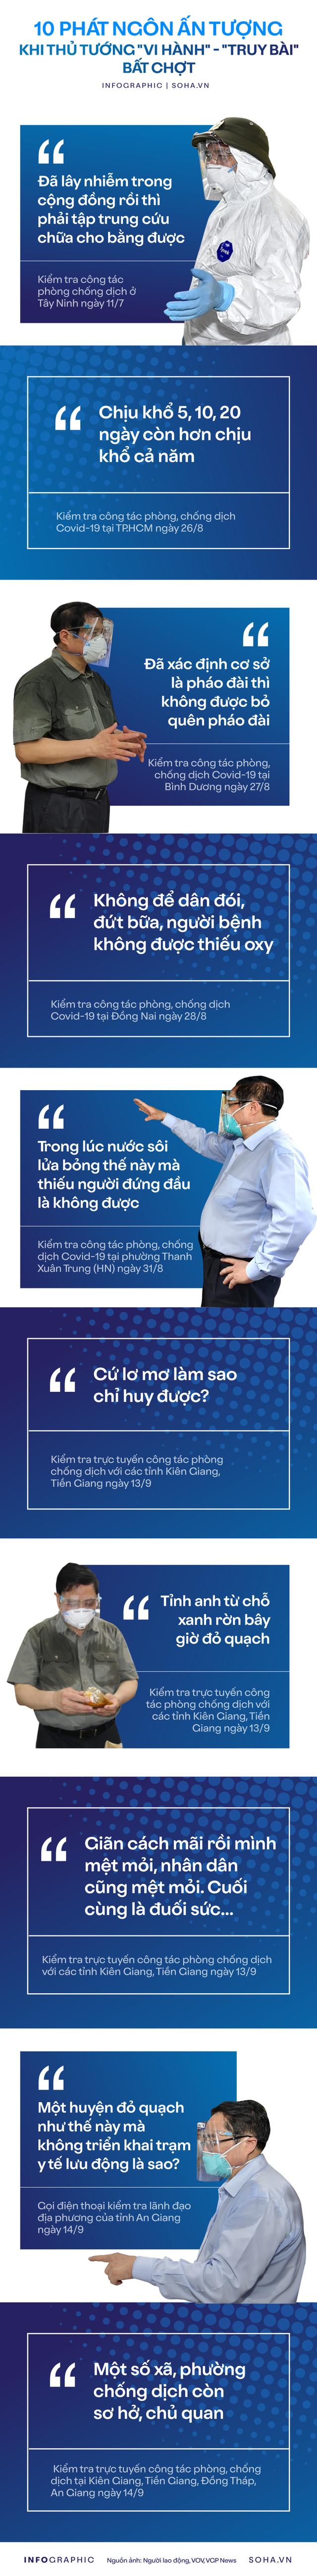 [INFOGRAPHIC] 10 phát ngôn ấn tượng khi Thủ tướng vi hành - truy bài bất chợt  - Ảnh 1.